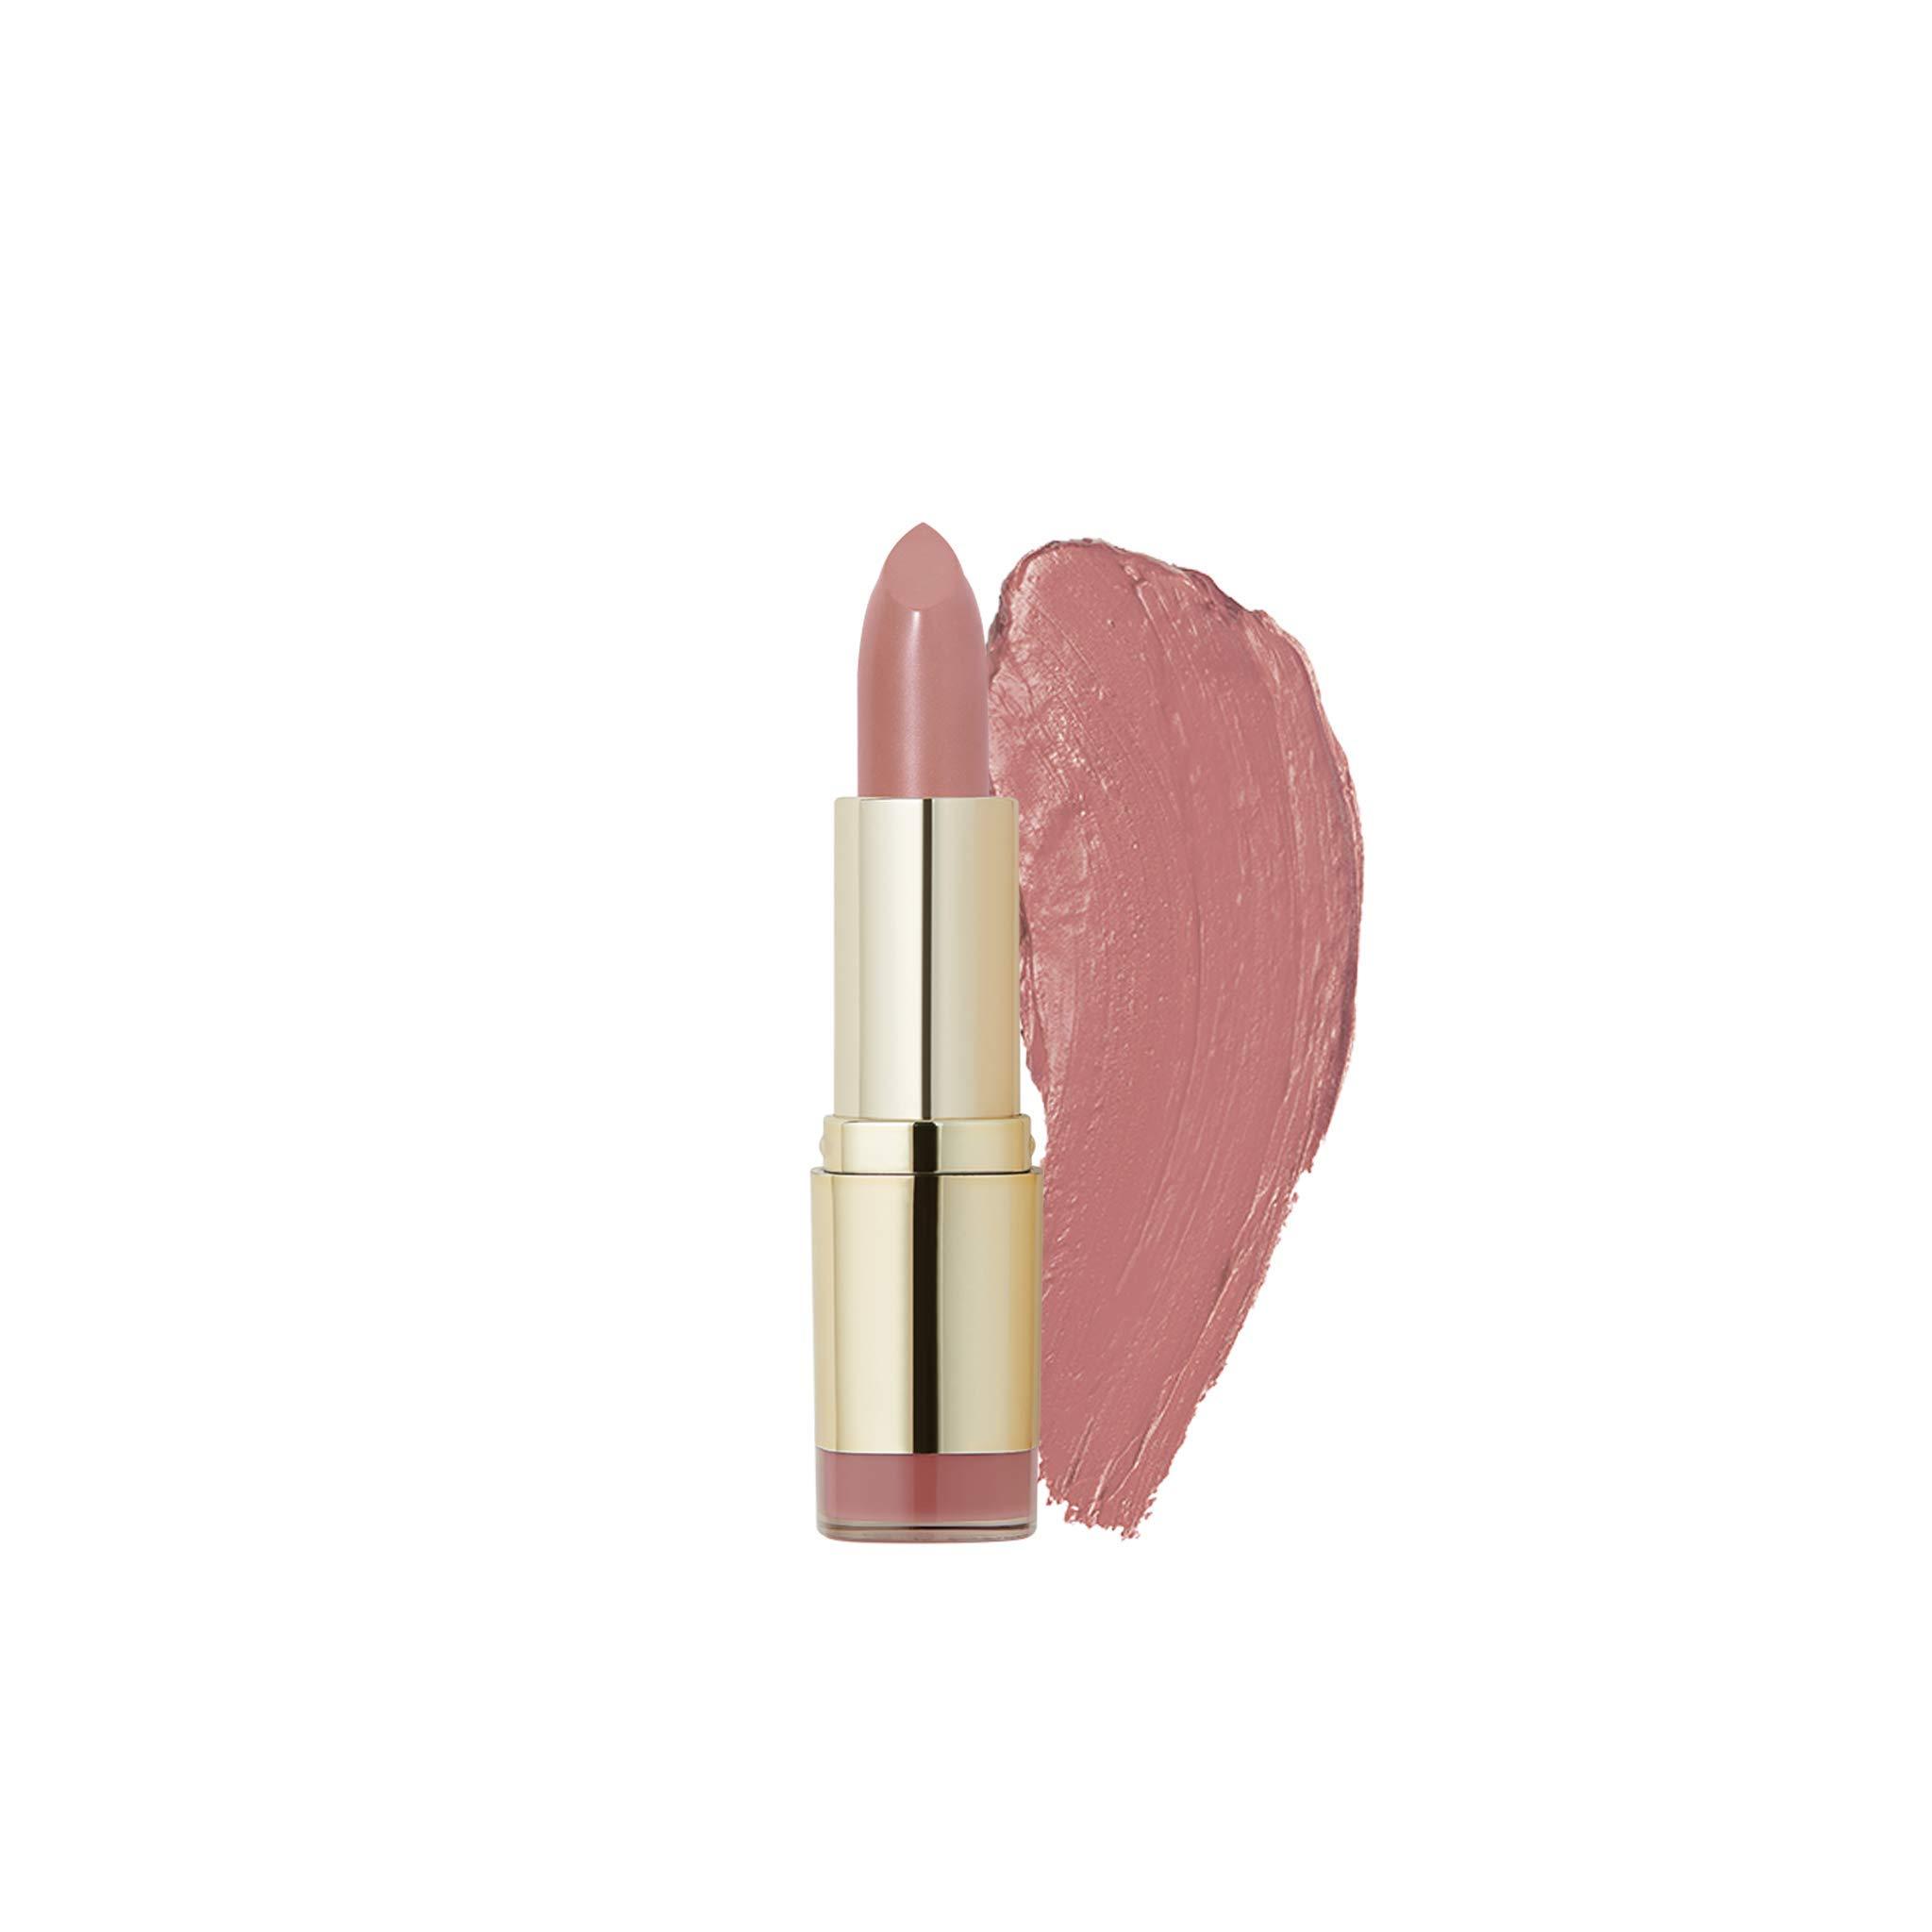 Milani Color Statement Lipstick - Nude Crème, Cruelty-Free Nourishing Lip Stick in Vibrant Shades, Pink Lipstick, 0.14 Ounce